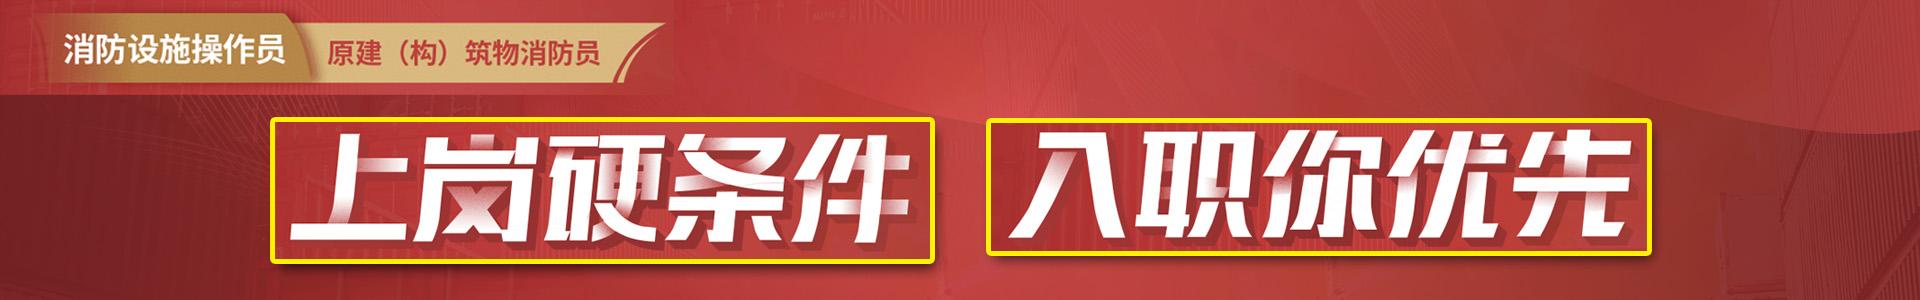 优路消防设施操作员-桂林校区